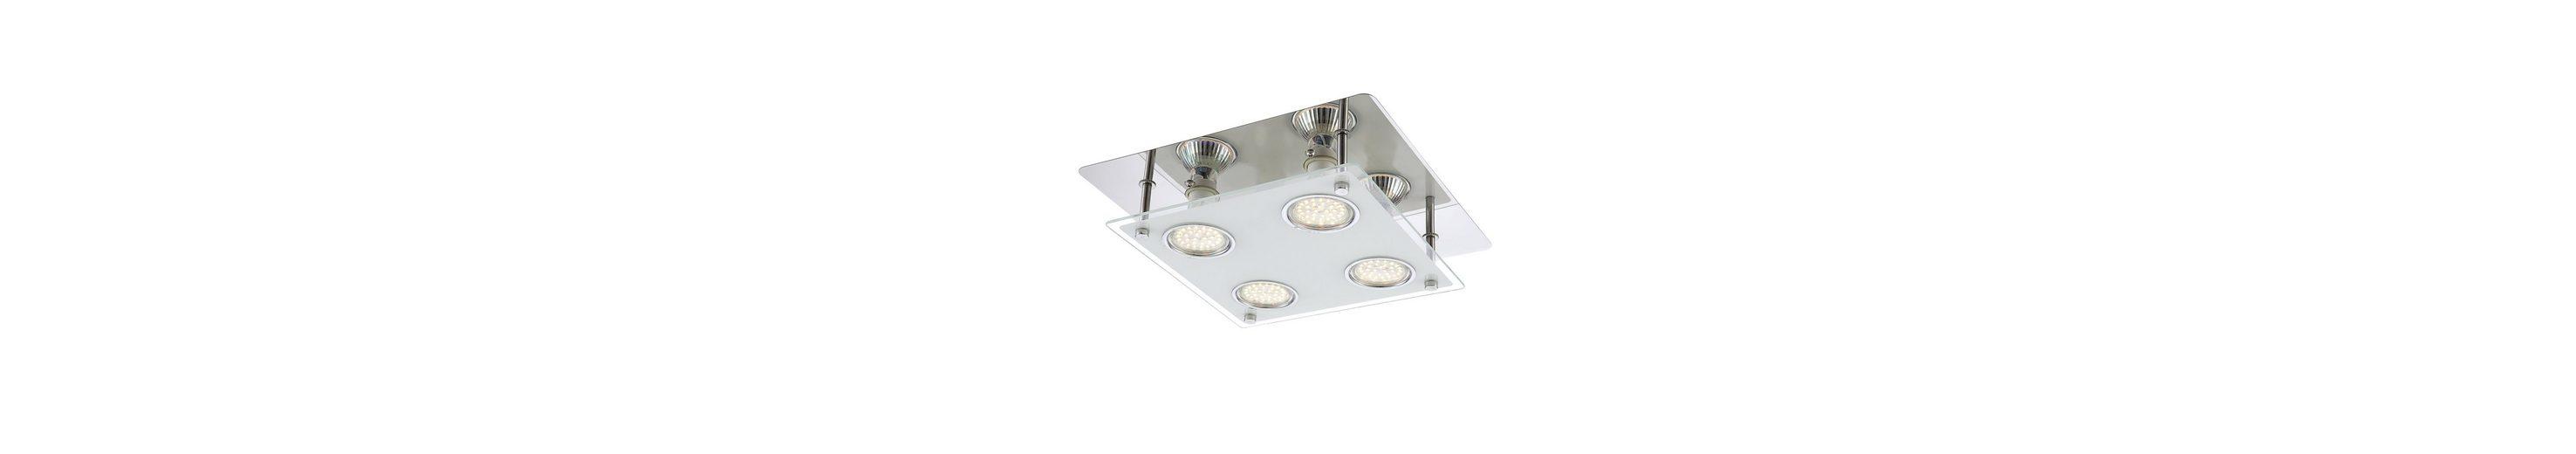 Brilliant Leuchten Gudy LED Deckenleuchte, 4-flammig chrom/transparent mattglas